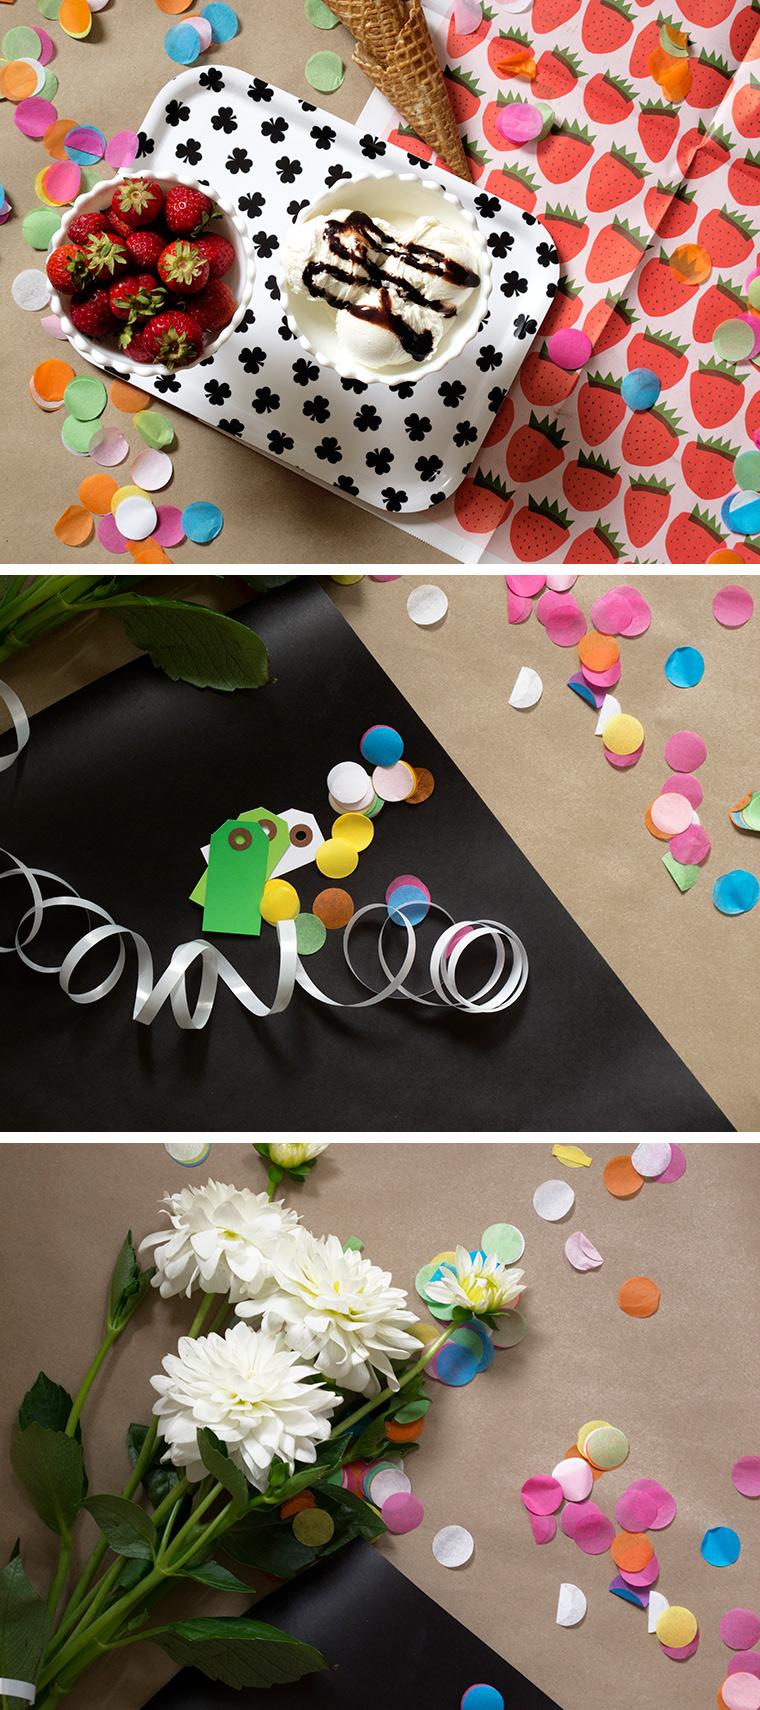 Sommar kalas med konfetti konfettiballonger och fina paketinslagningar